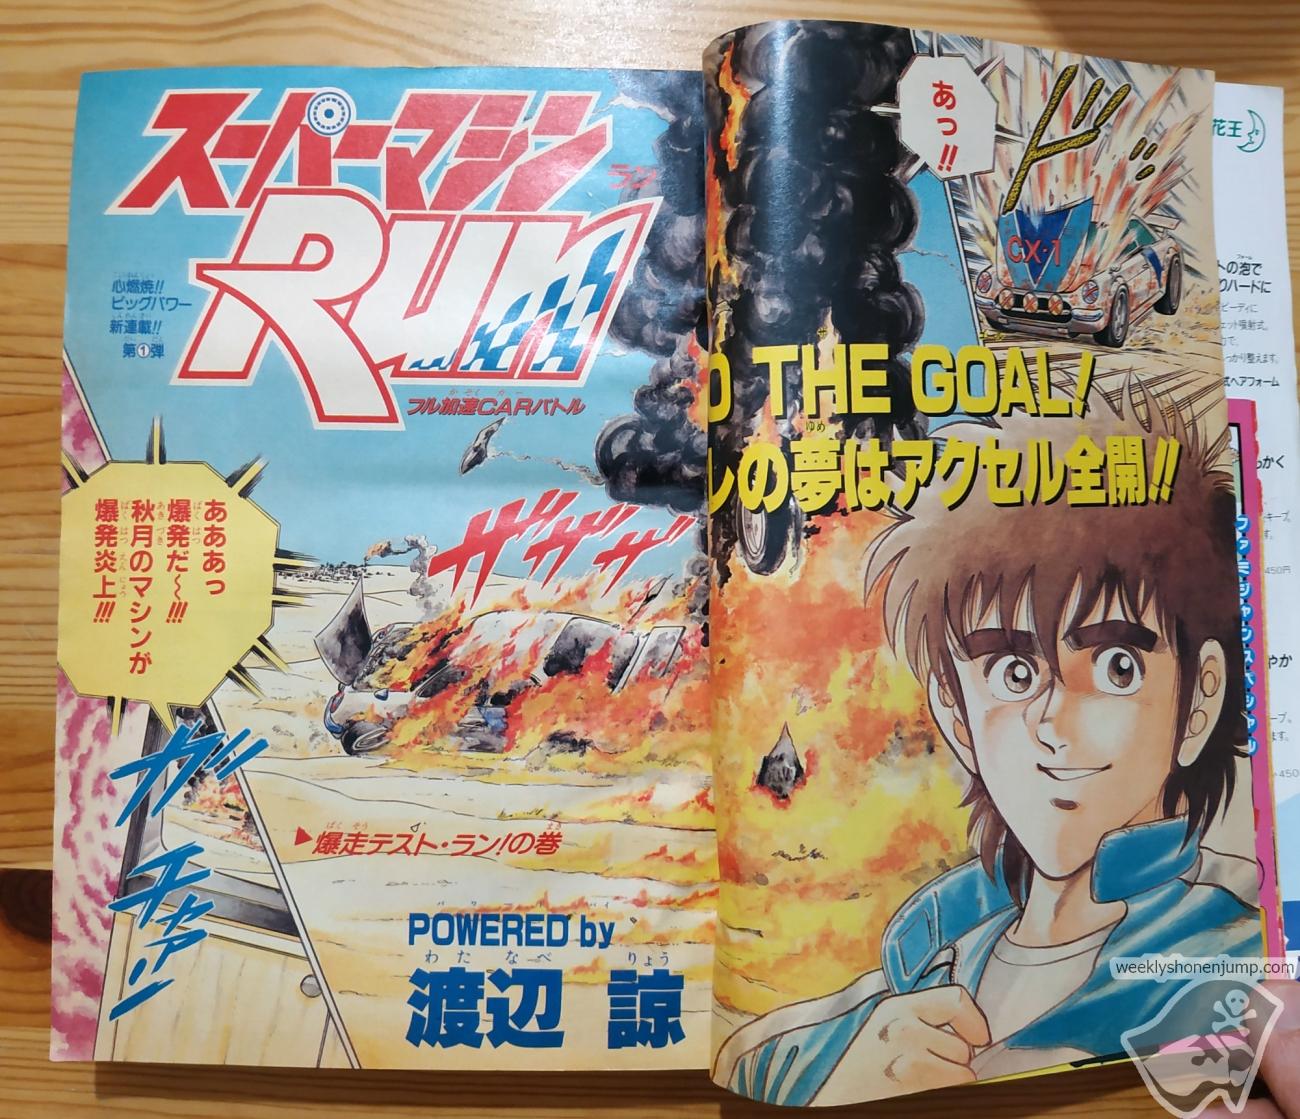 wsj1989-13-Super Machine Run 2